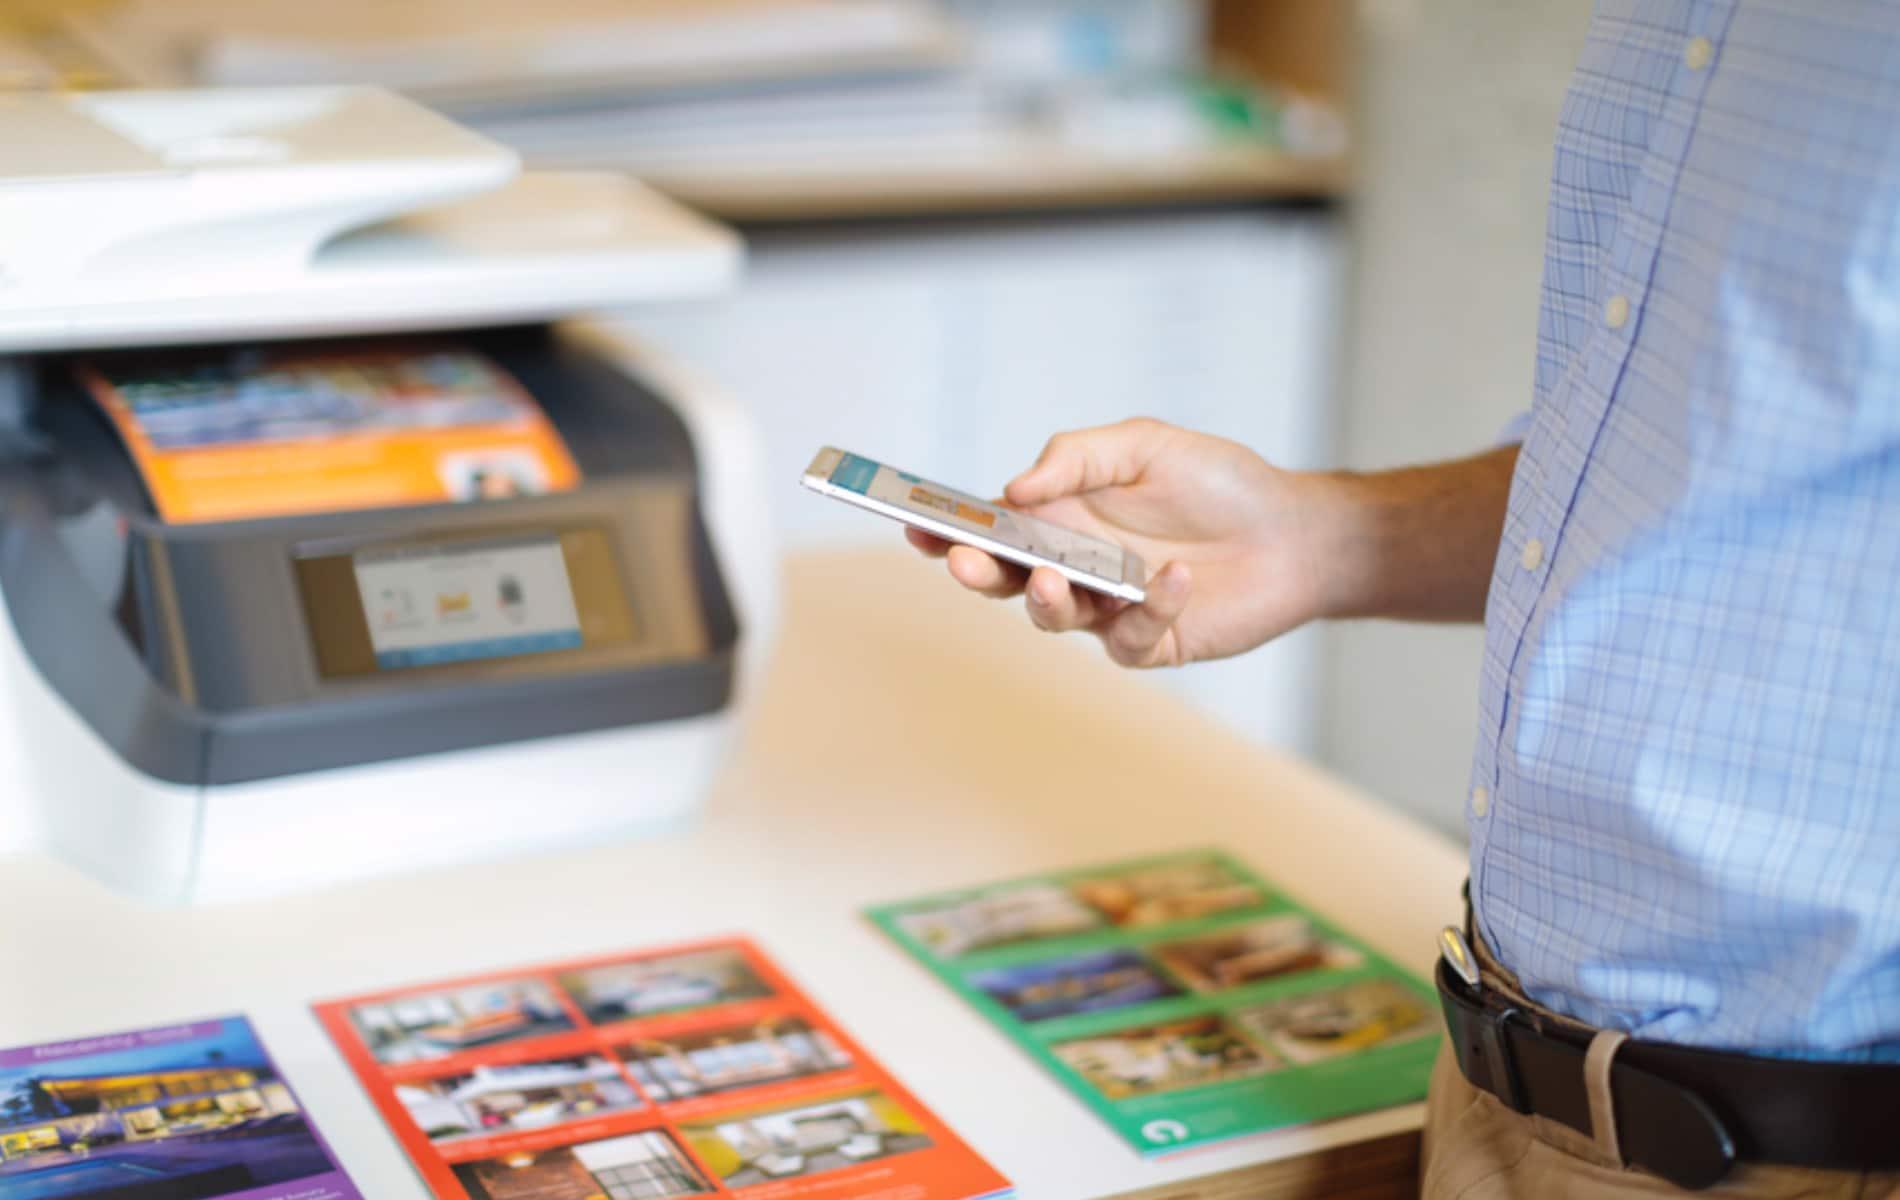 Verwalten Sie mit der HP Smart App die Drucker u.a. aus dem HP+ Programm.